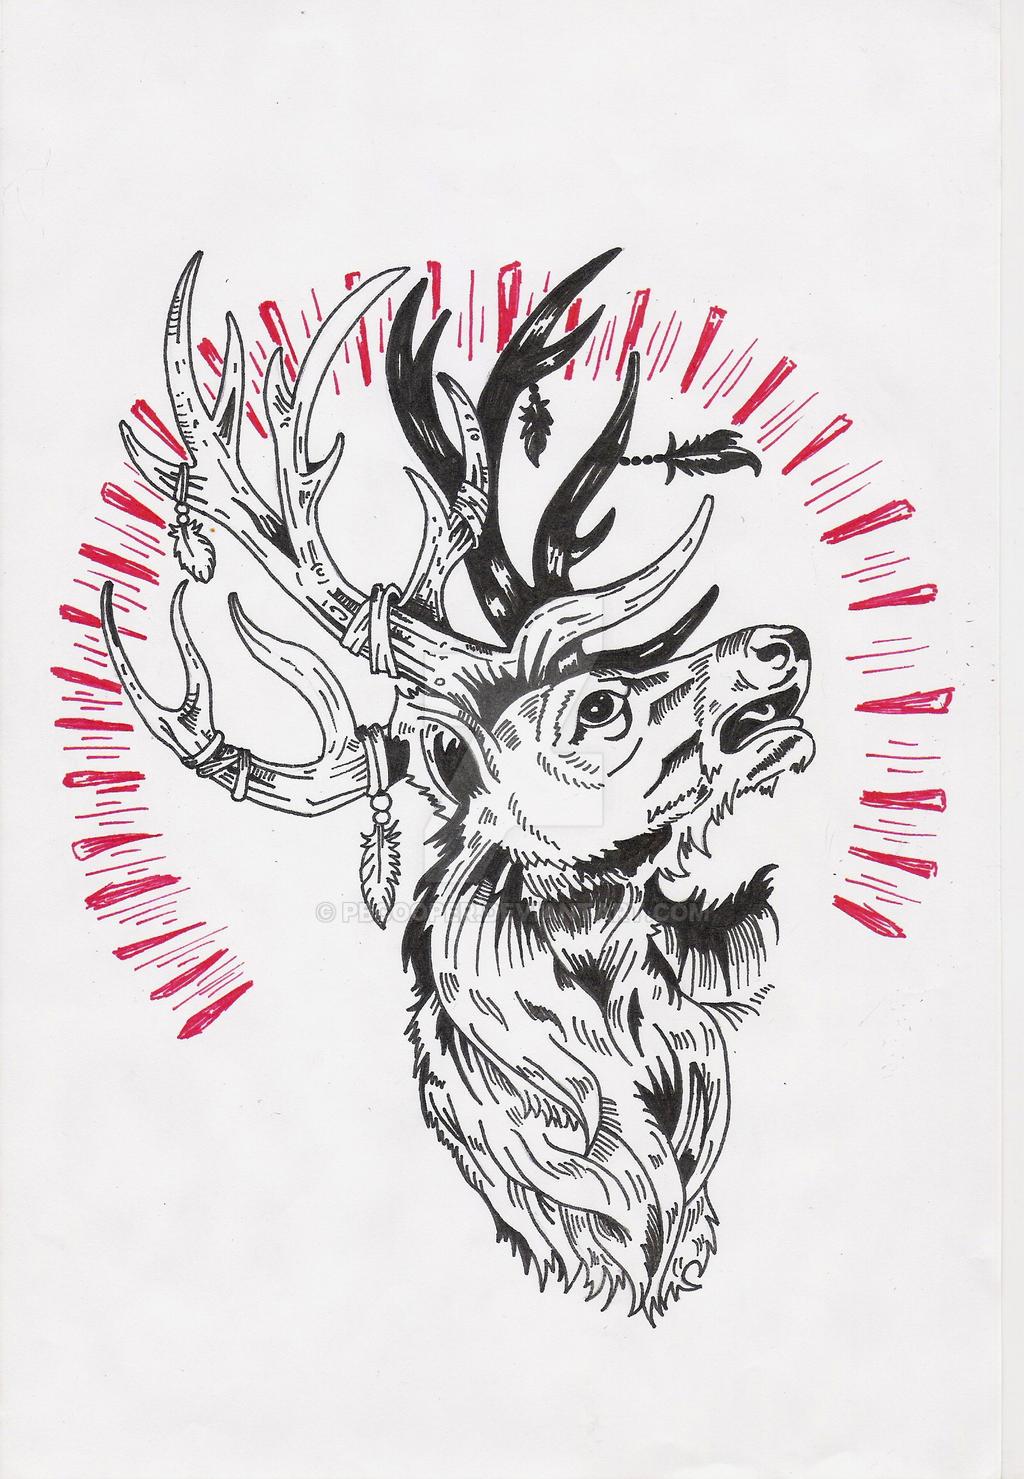 Tattoo by PBCooper